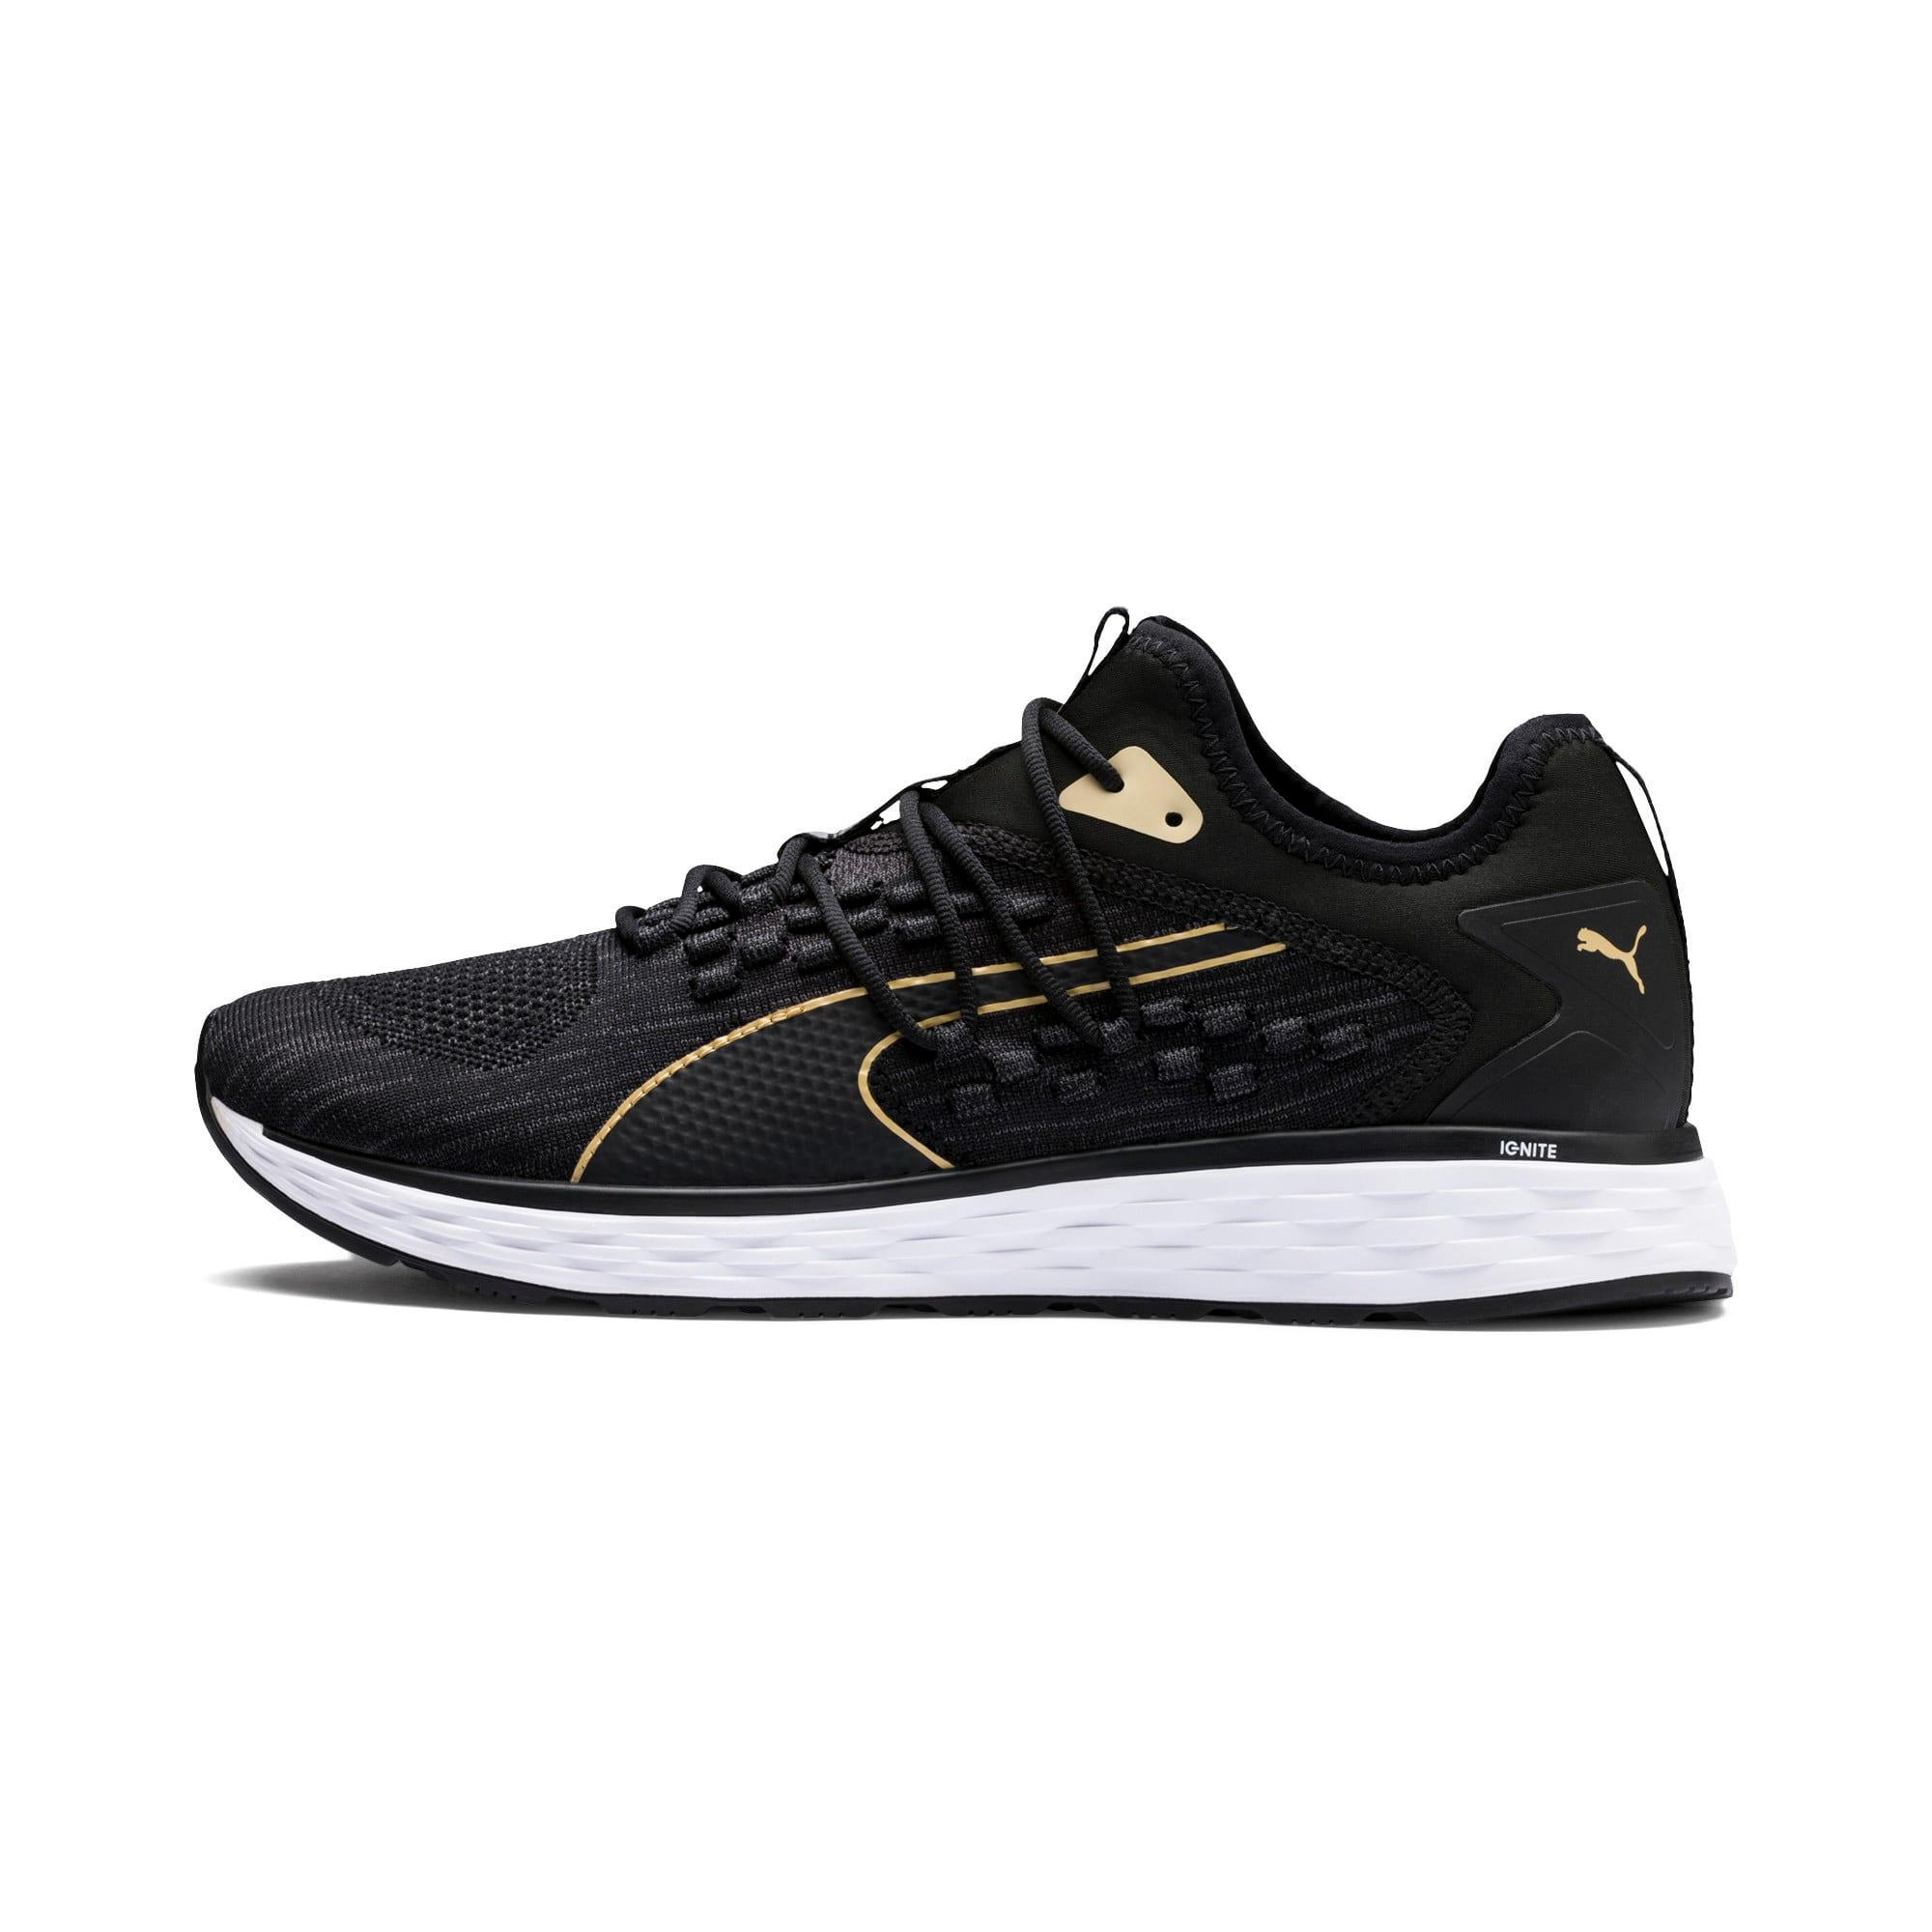 Thumbnail 1 of SPEED FUSEFIT Men's Running Shoes, Black-White-Taos Taupe, medium